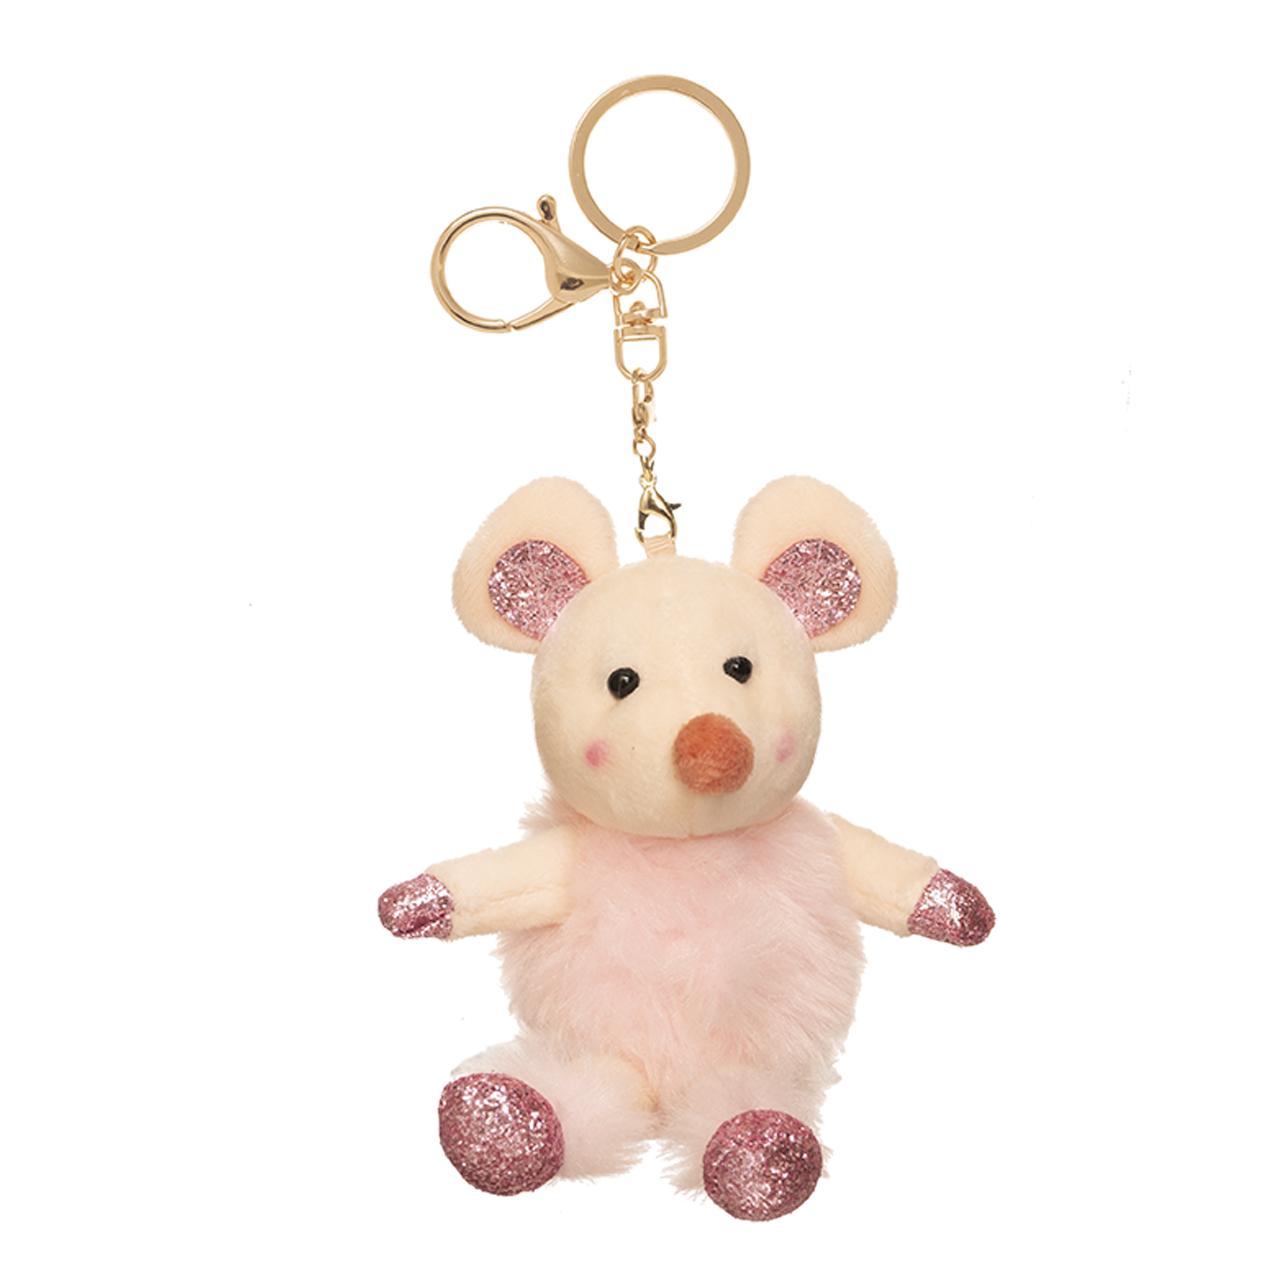 آویز عروسک طرح موش کد m223